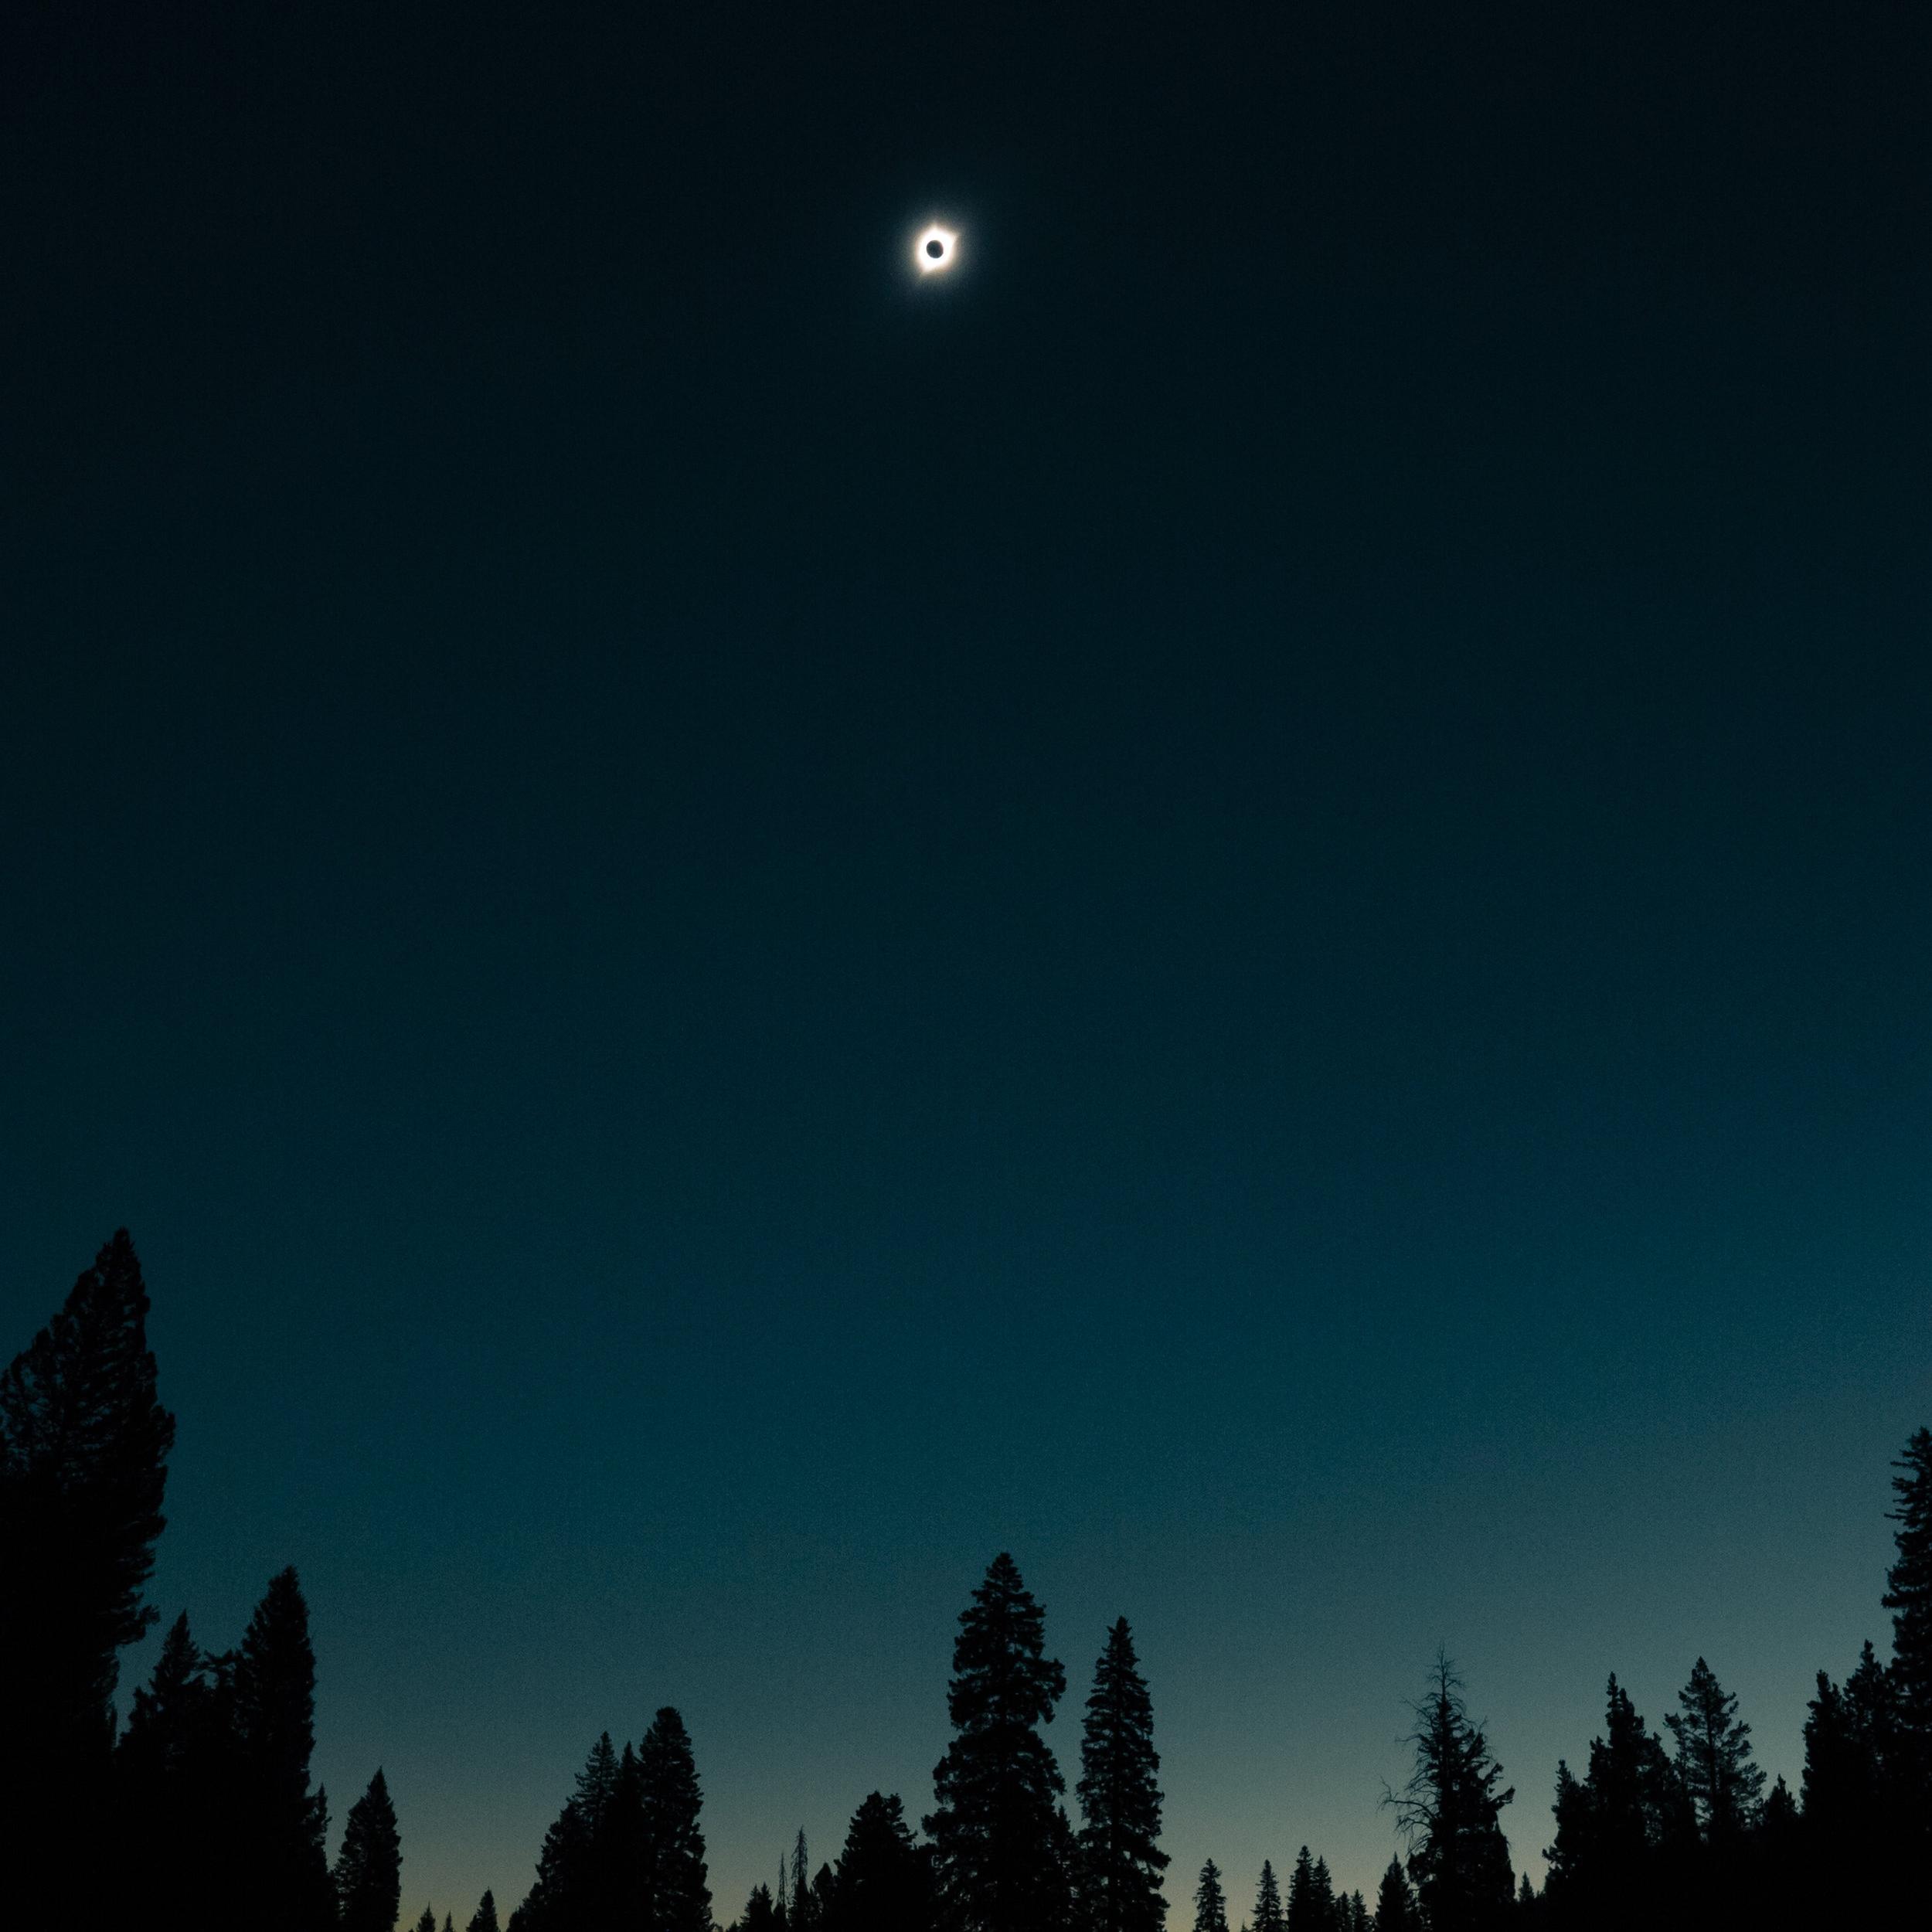 Eclipse-01825.jpg